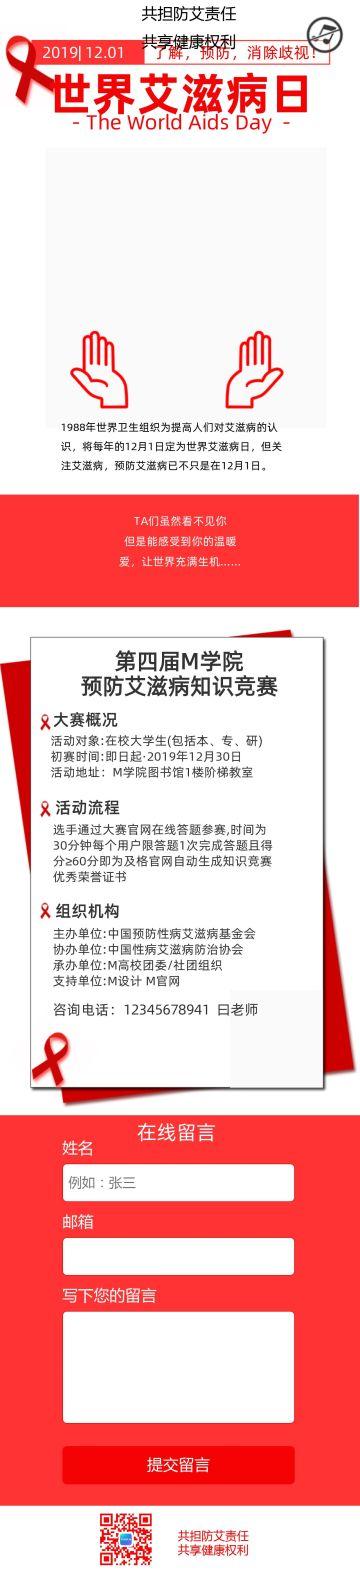 简约世界艾滋病日公益活动文化倡导宣传长页